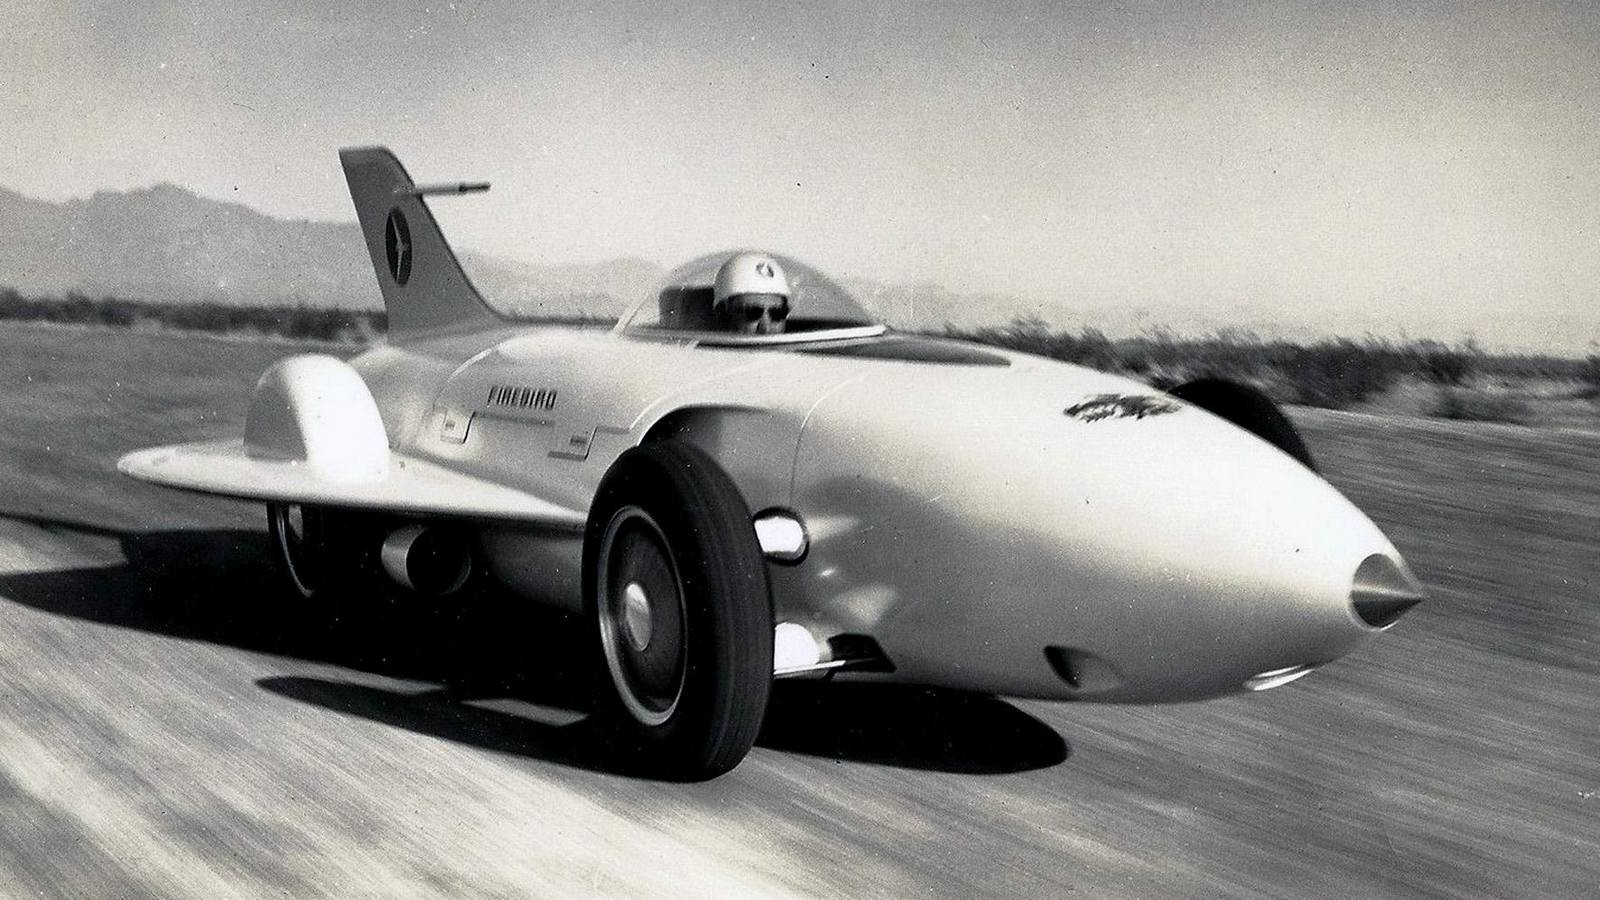 Нелетающий истребитель GM Firebird XP-21 со спрятанным в корпусе ГТД и декоративным оперениемНо, присмотревшись, под стеклопластиковым кузовом можно было увидеть 380-сильный ГТД GT-302 компании Allison, весивший около 350 кг и разгонявший бутафорский самолет до 370 км/ч. Он снабжался по-автомобильному независимой подвеской и внутренними тормозными барабанами.Необычный газотурбинный автомобиль-самолет Firebird I в экспозиции GM Heritage CenterЧерез три года был представлен более строгий четырехместный вариант Firebird II (XP-43) с новым ГТД GT-304 в 200 сил при рабочем режиме 25 тысяч оборотов в минуту и дисковыми тормозами. На этот раз он был похож на гоночный автомобиль с передним остроконечным обтекателем и упрятанными в него фарами, небольшими боковыми крыльями, прозрачной крышей-фонарём и хвостовым оперением. В отличие от первенца его напичкали мелкими оригинальностями: двухсекционные двери, бортовой компьютер, блок автоматического переключения световых приборов.Второй газотурбинный вариант Firebird II, напоминавший рекордно-гоночный автомобиль. 1956 годХарли Эрл с удовольствием позирует у своего уникального газотурбинного детища GM Firebird IIВскоре за ним появилась третья приземистая шестиметровая «сказочная огненная птица» Firebird III (XP-73) с 225-сильным двигателем GT-305 и самолетным фонарём, ощетинившаяся всеми своими стеклопластиковыми кузовными панелями и ножевидными кромками дверей, крыльев и всевозможных хвостов. Для питания бортовых систем, кондиционера и круиз-контроля служил миниатюрный бензиновый движок в 10 сил.Третий газотурбинный уникум Firebird III с уймой полезных и бесполезных крыльев и крылышек. 1958 годChrysler Corporation: 27 лет во славу газовых турбинВ 1954 году эта корпорация сделала ставку на массовый выпуск перспективных легковых машин с газотурбинными силовыми установками. Для этого было создано специальное подразделение Chrysler Turbine Car, где под руководством главного конструктора Джорджа Хюбнера создавалось обширное семейство 